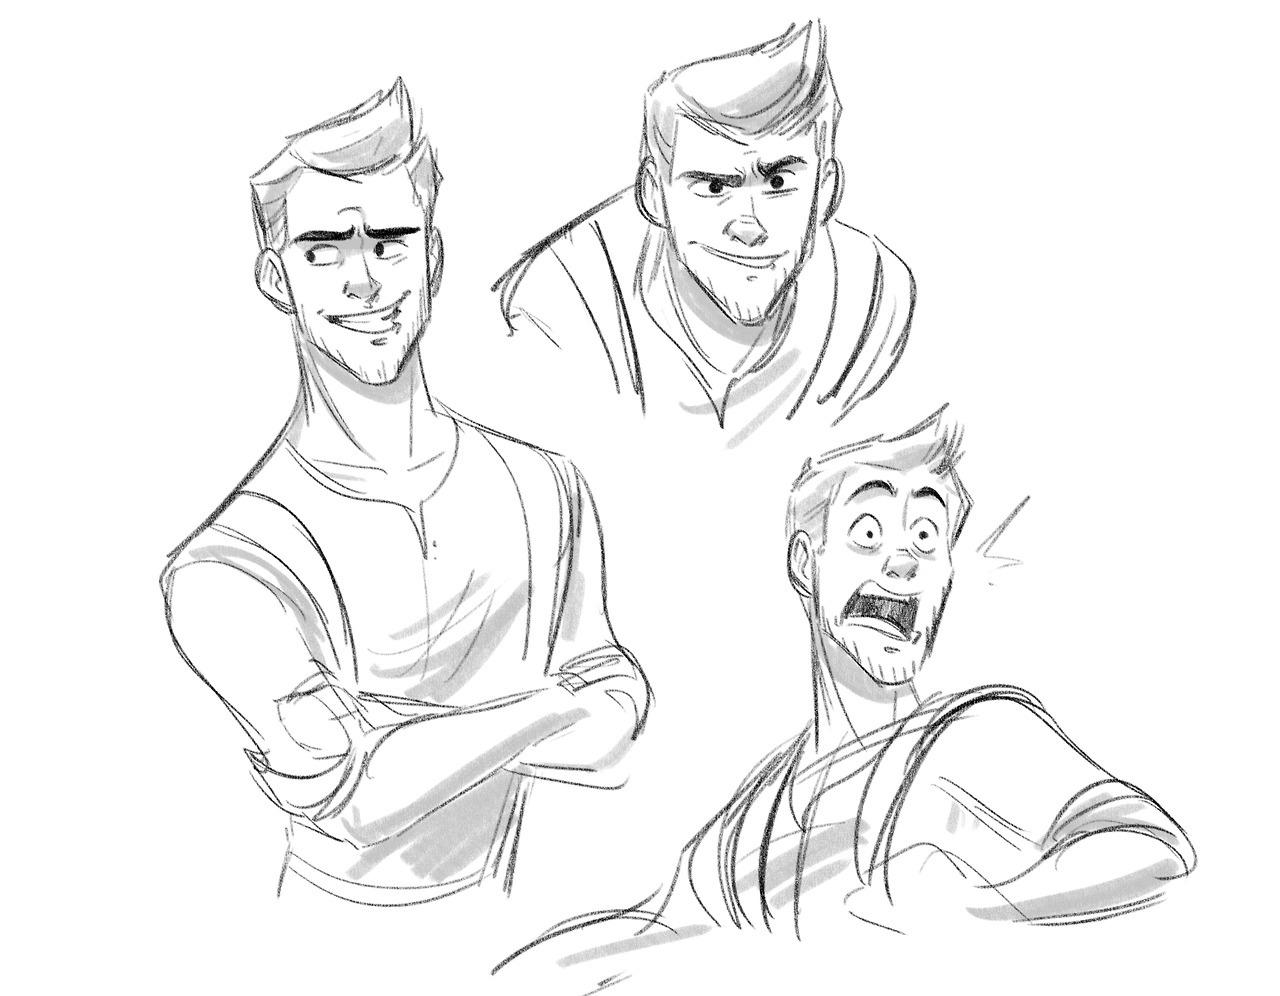 1280x996 Sketchupnfries Morning Sketches Of Nathan Drake Since I'M Super